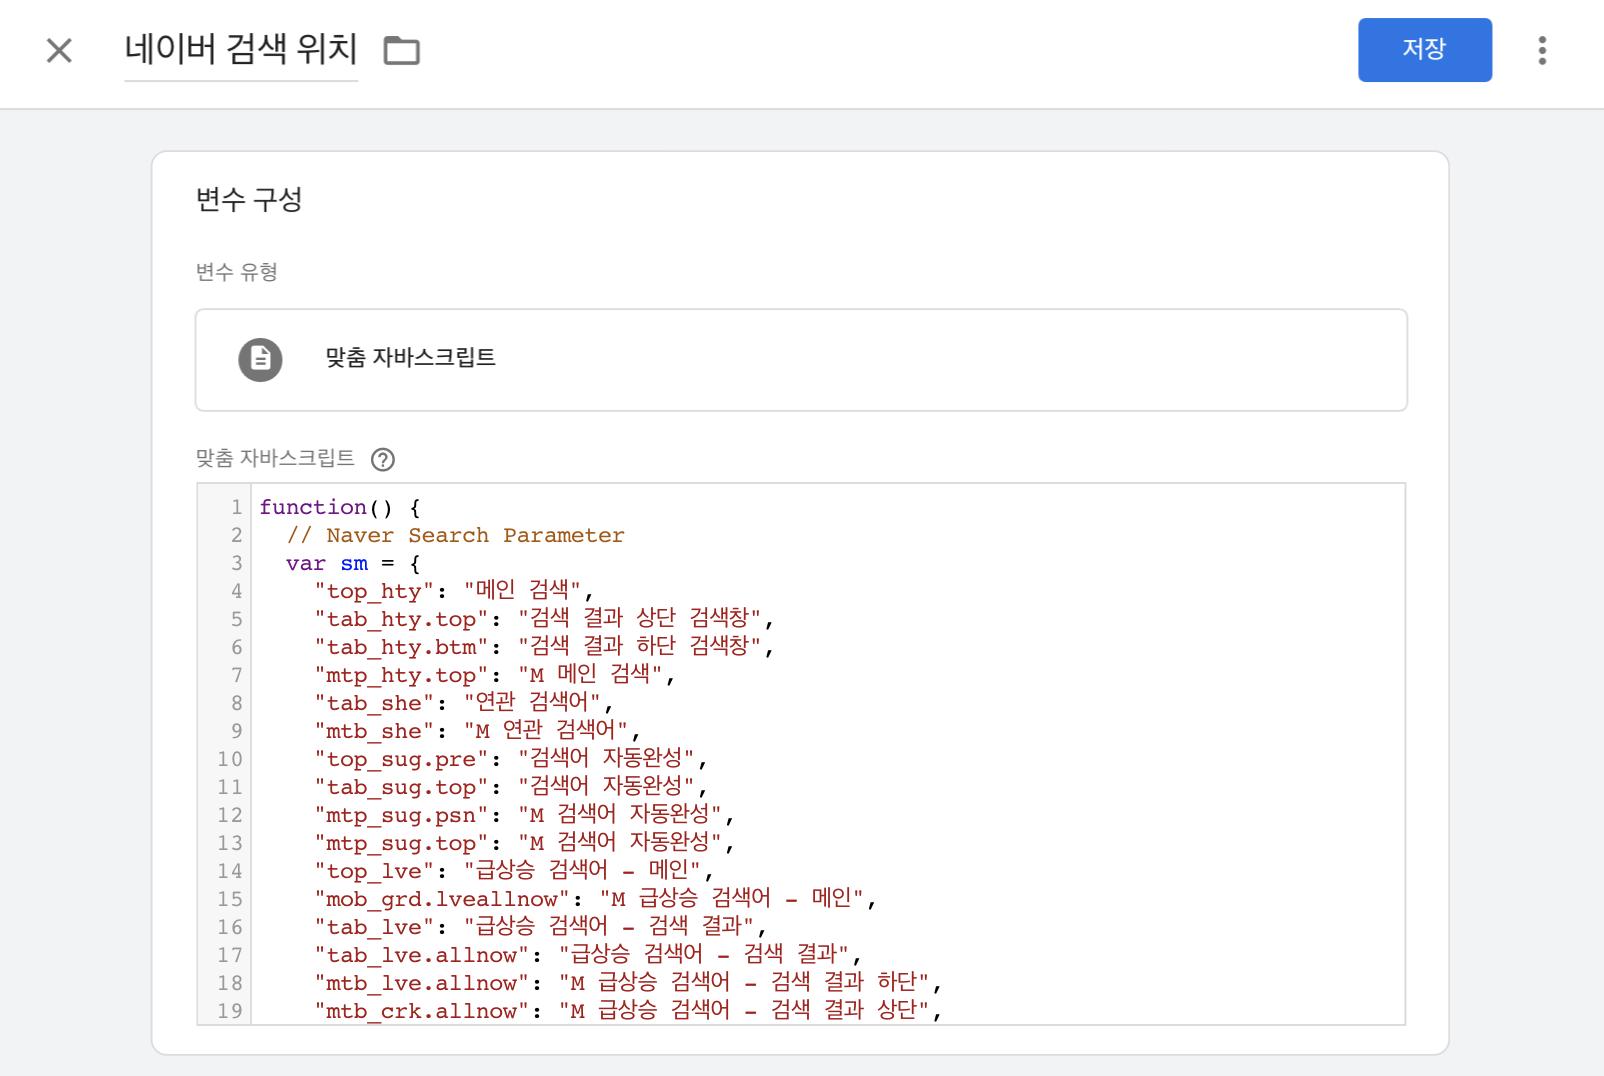 네이버 검색 위치 변수